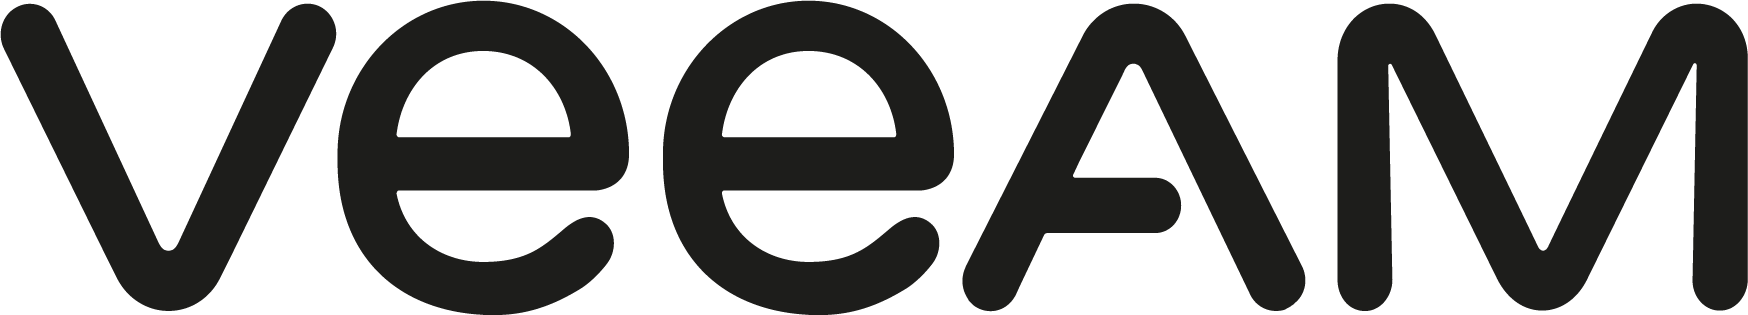 Barracuda Logo